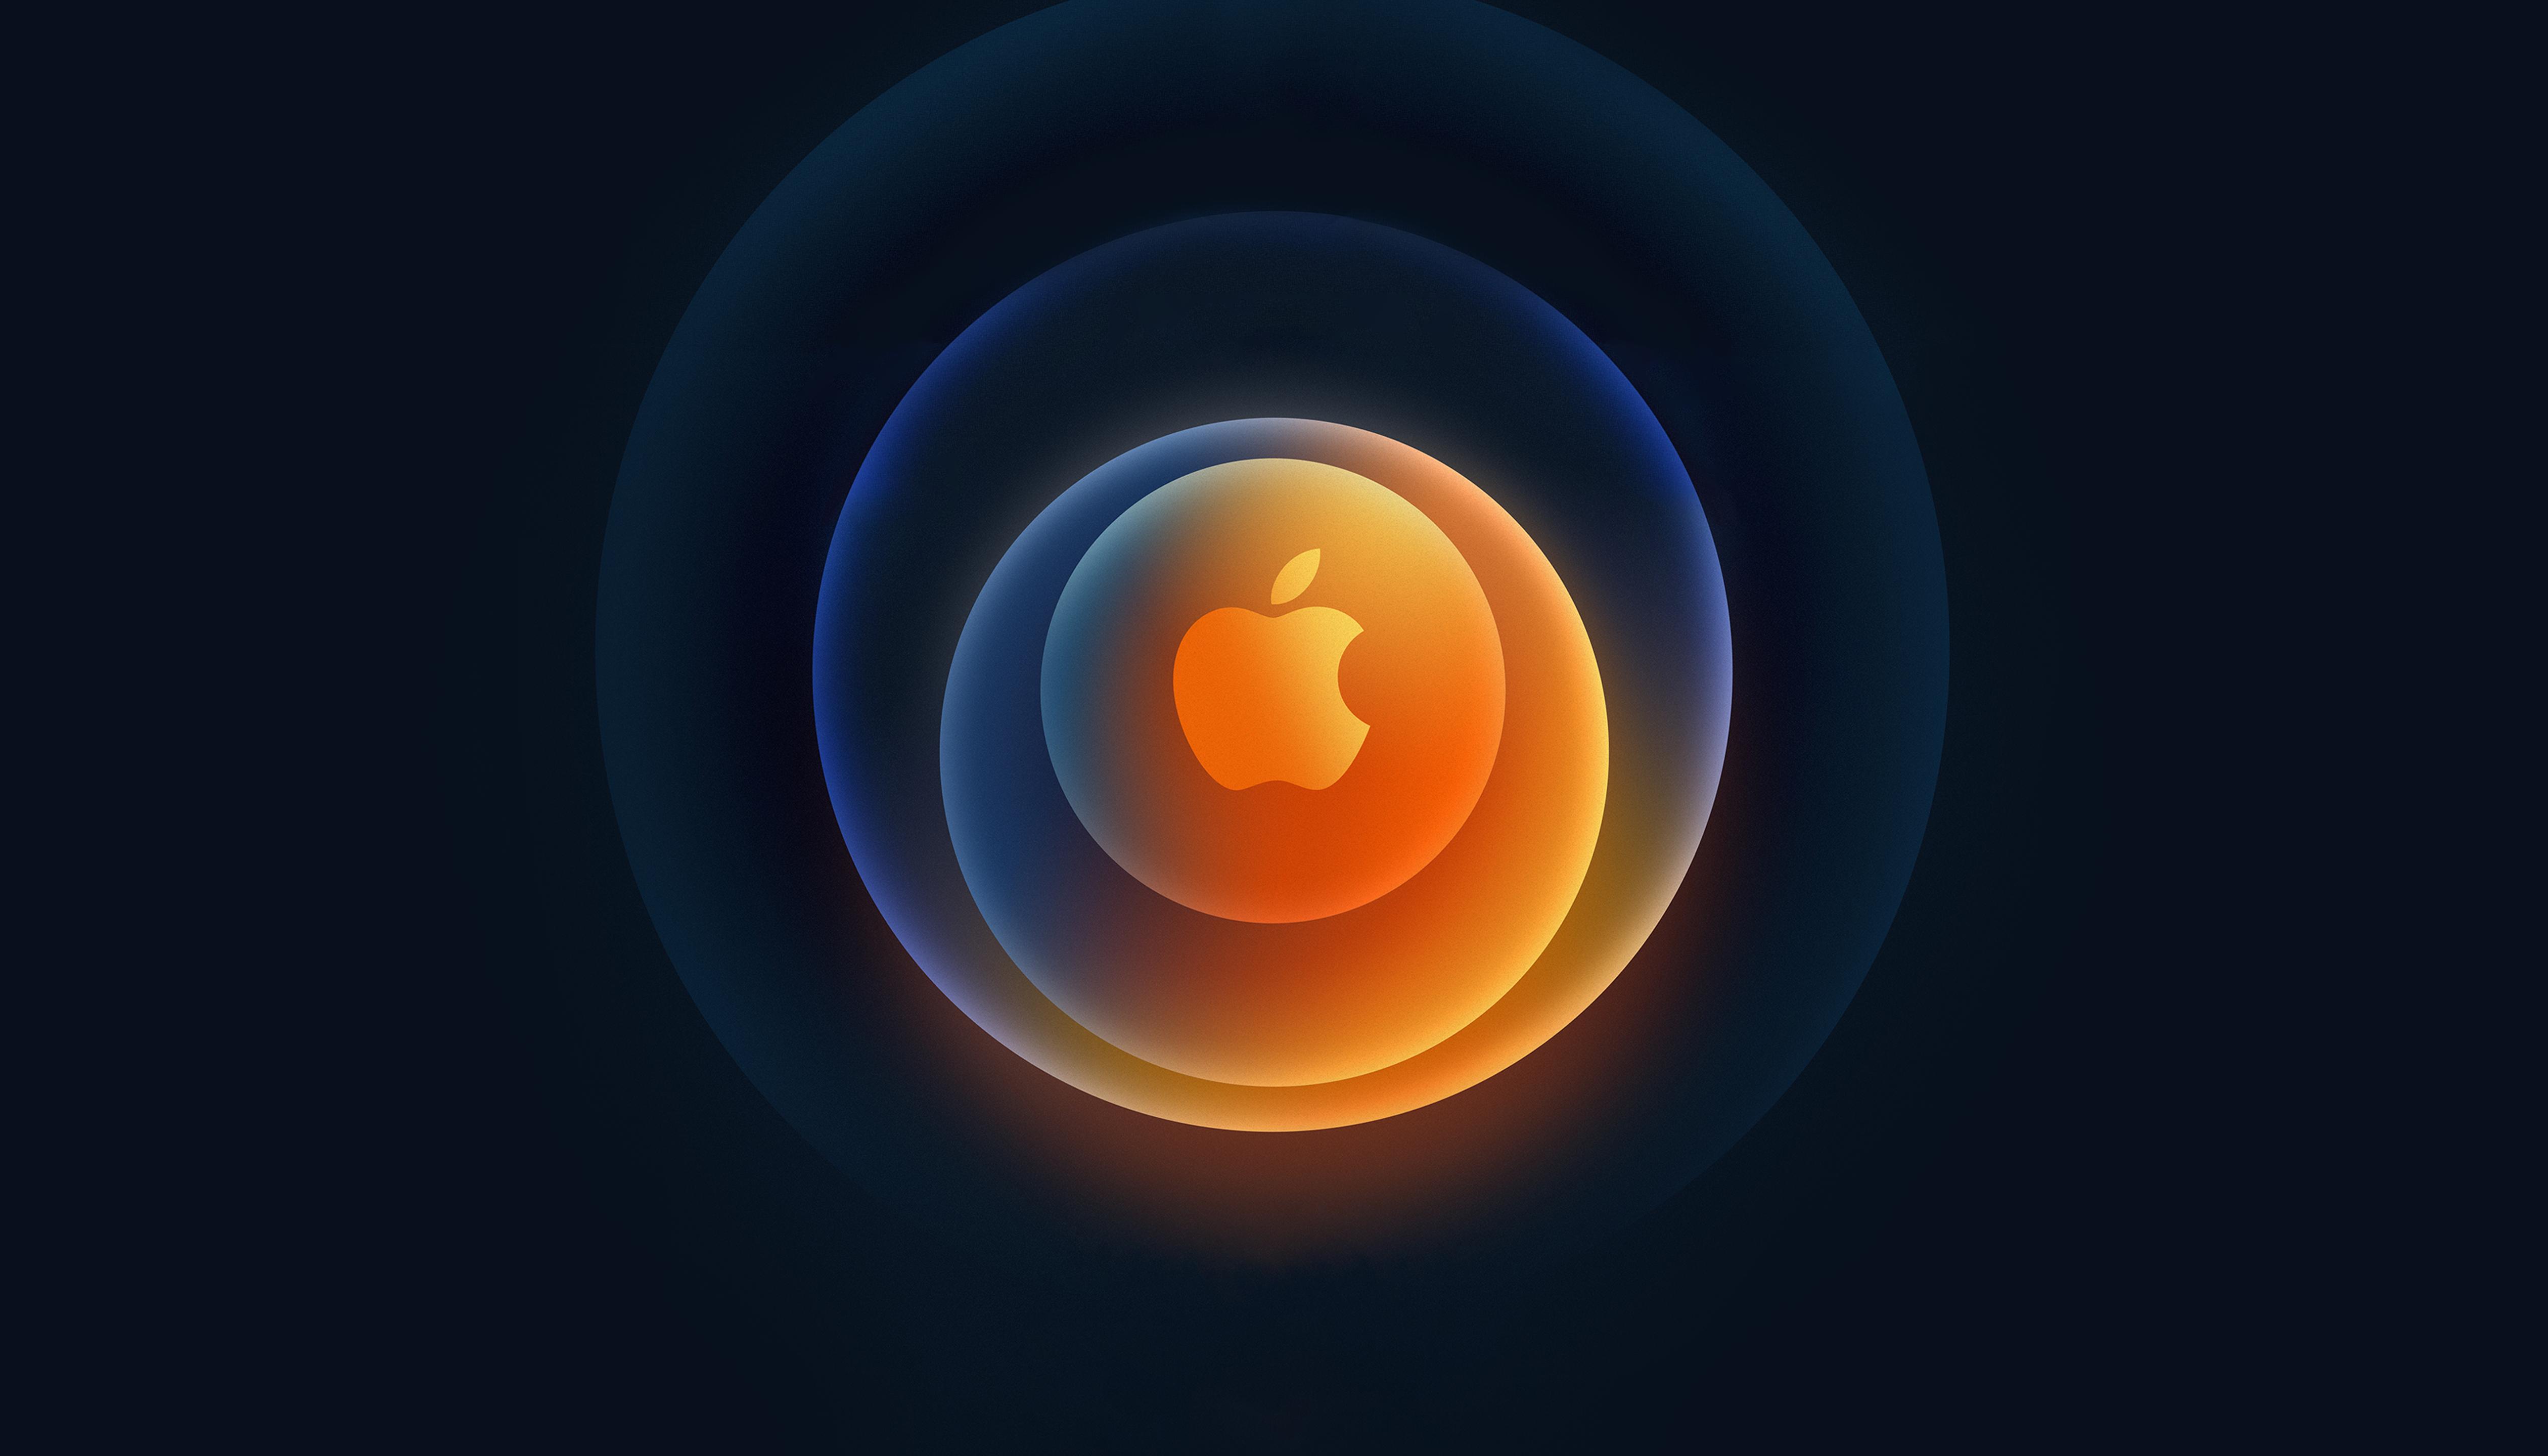 iPhone 12-event wallpaper voor iPad en Mac.